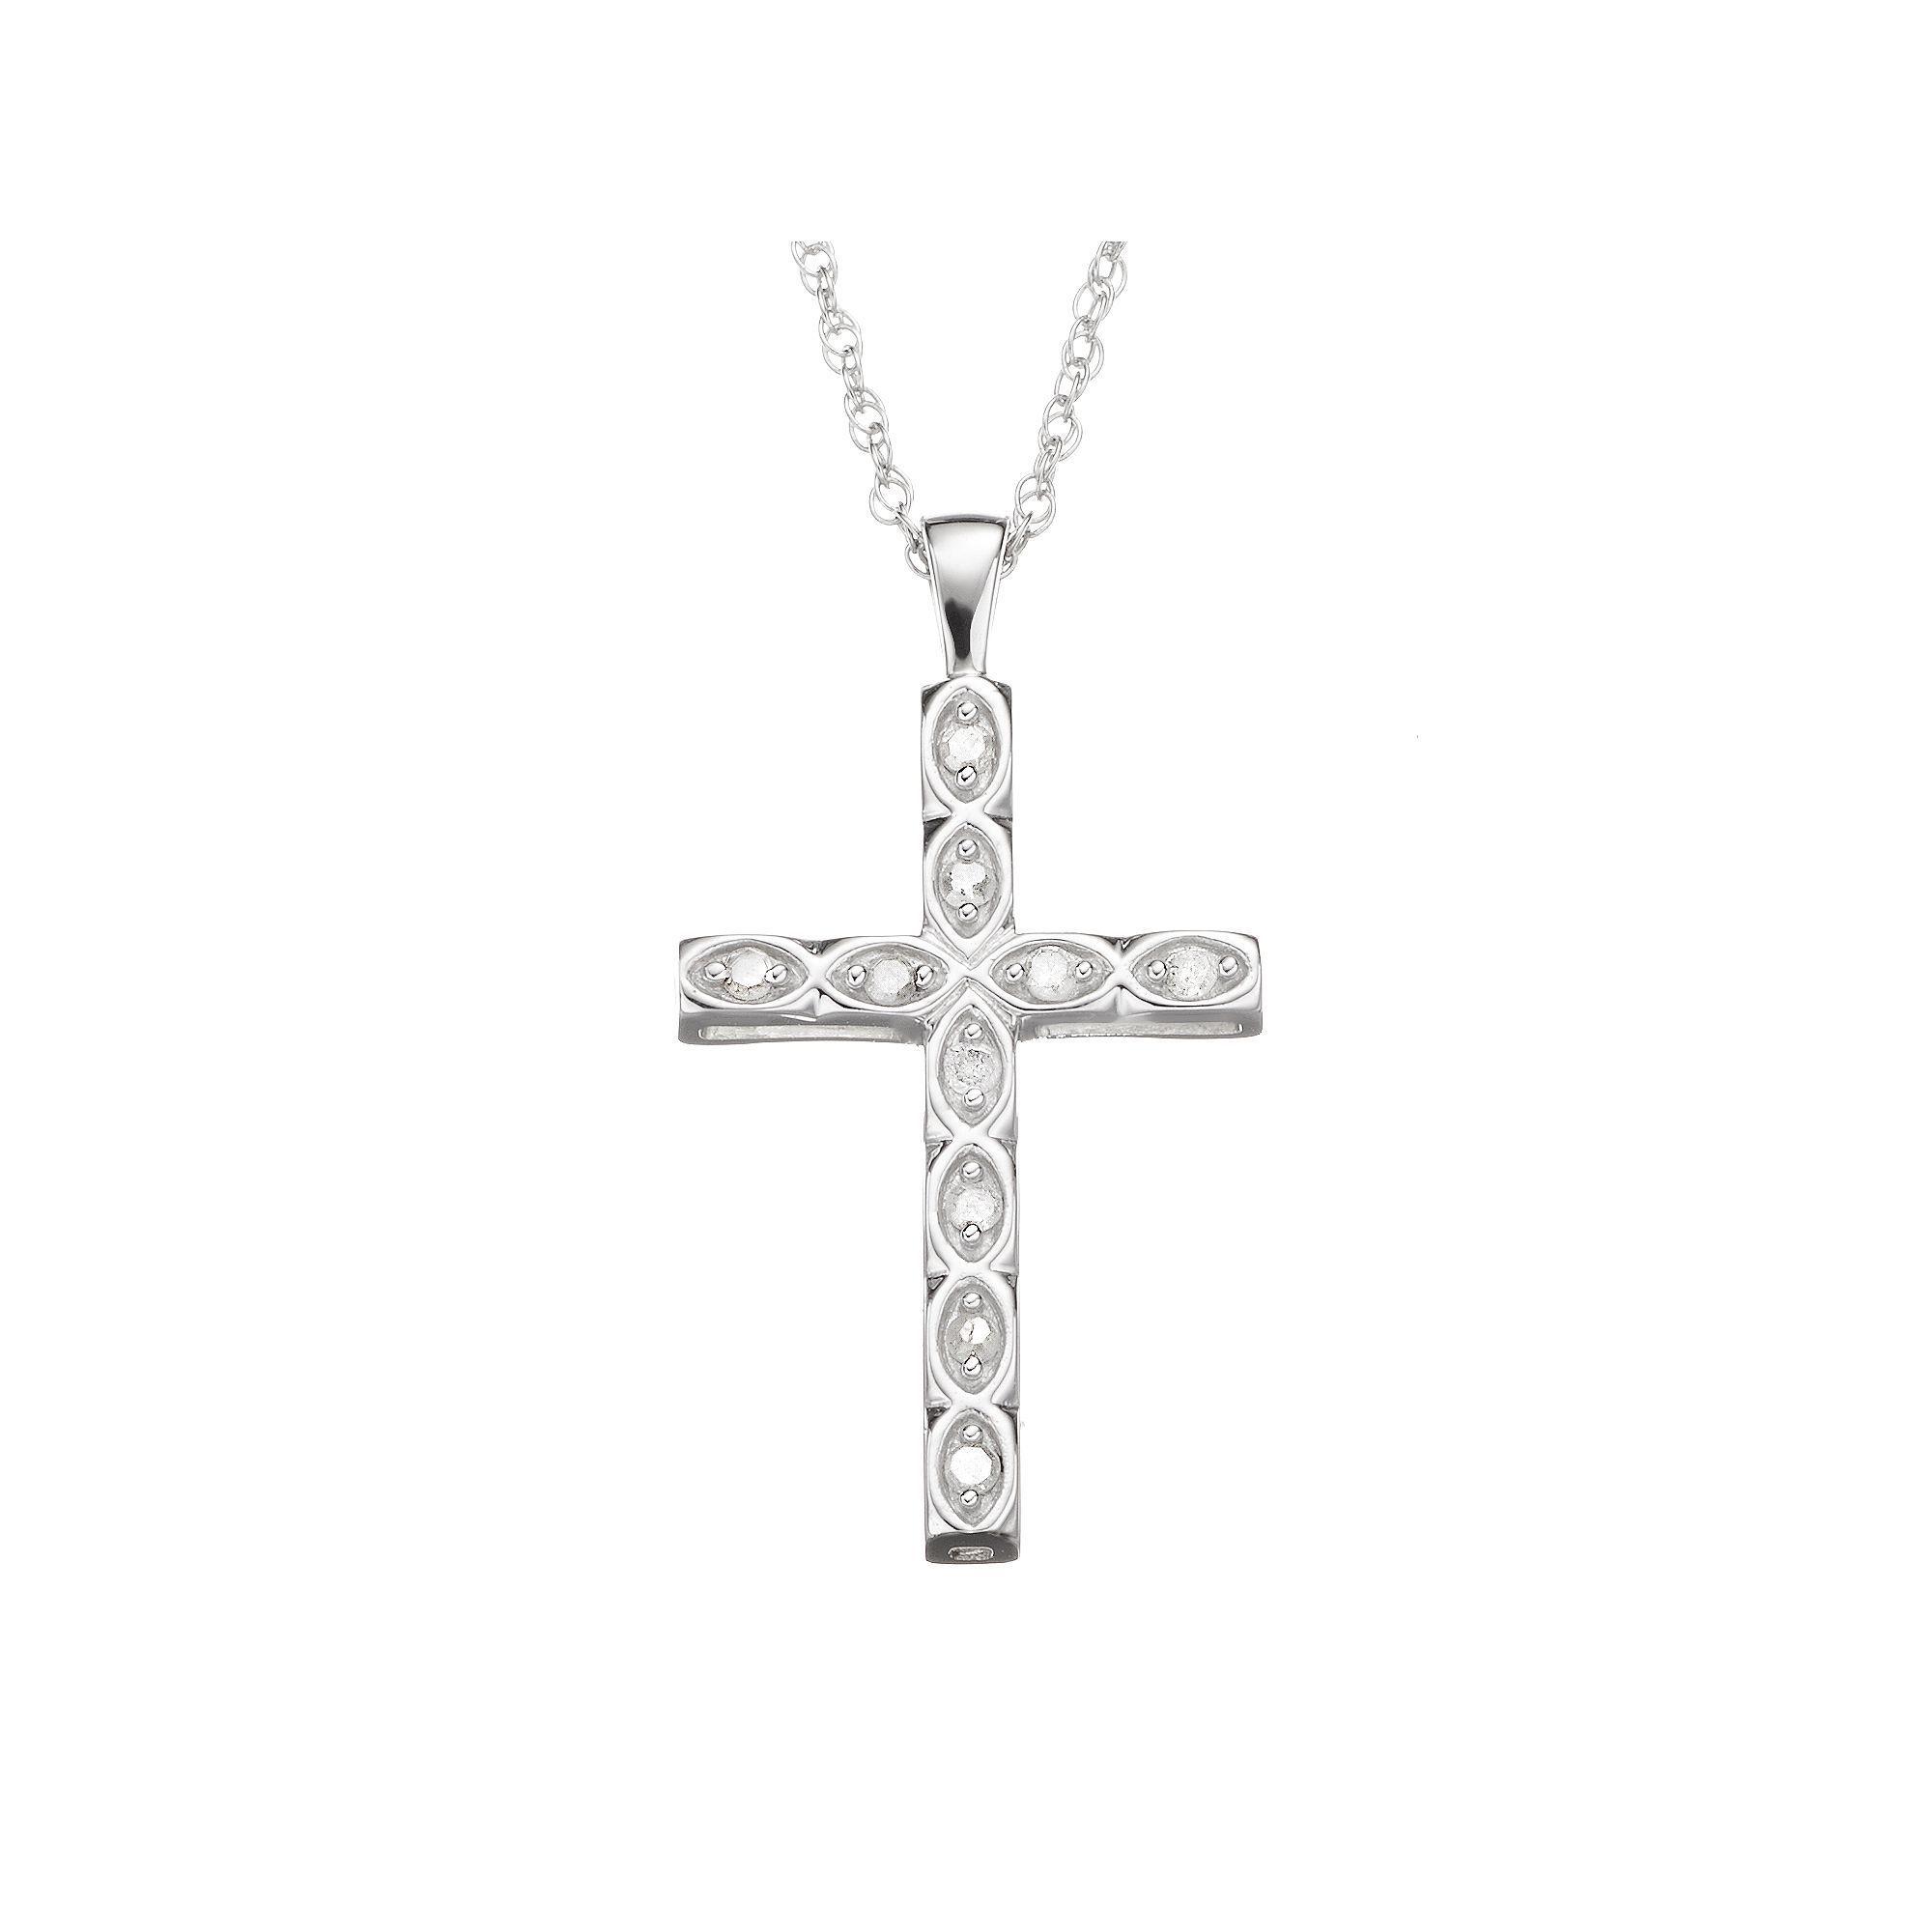 1e7cdc57e 1/10 Carat T.W. Diamond Sterling Silver Cross Pendant Necklace, Women's,  White